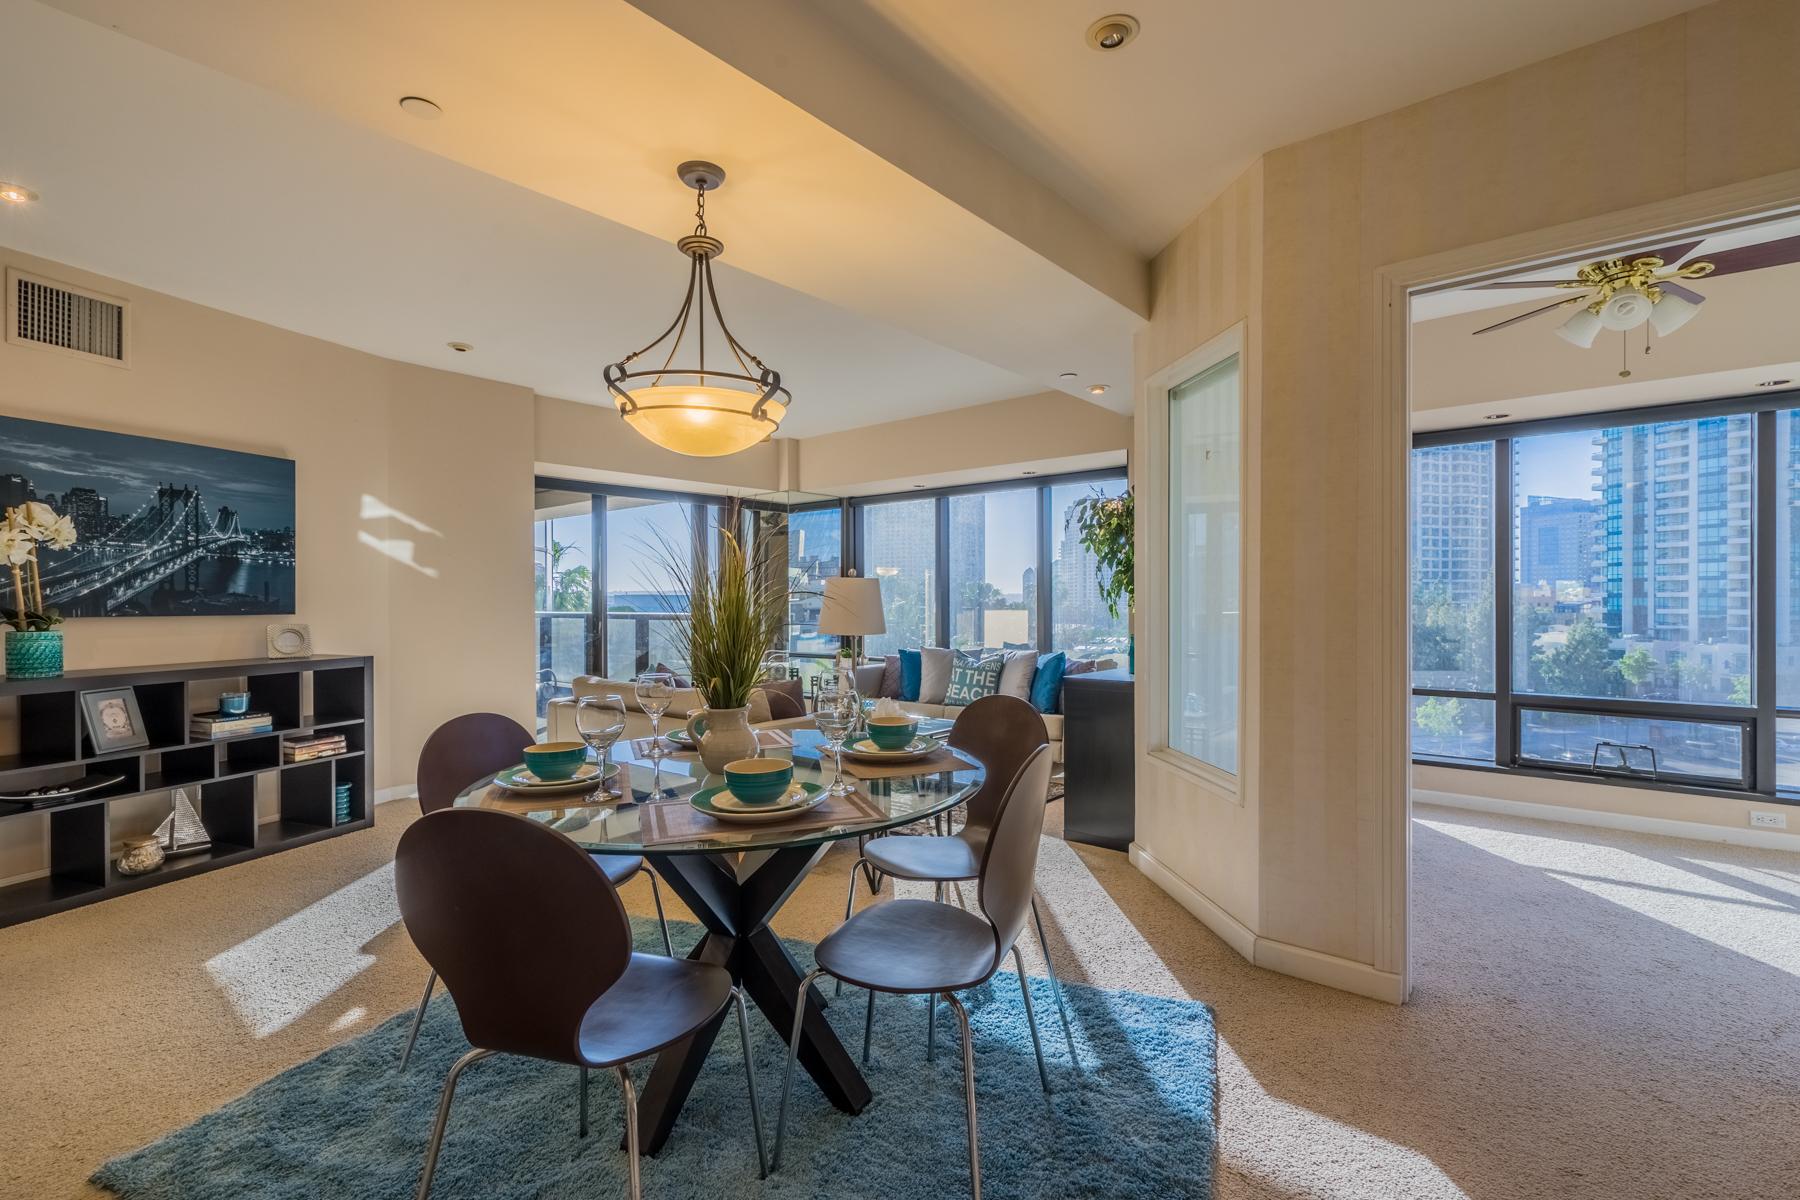 共管式独立产权公寓 为 销售 在 100 Harbor Drive 605 圣地亚哥, 加利福尼亚州, 92101 美国